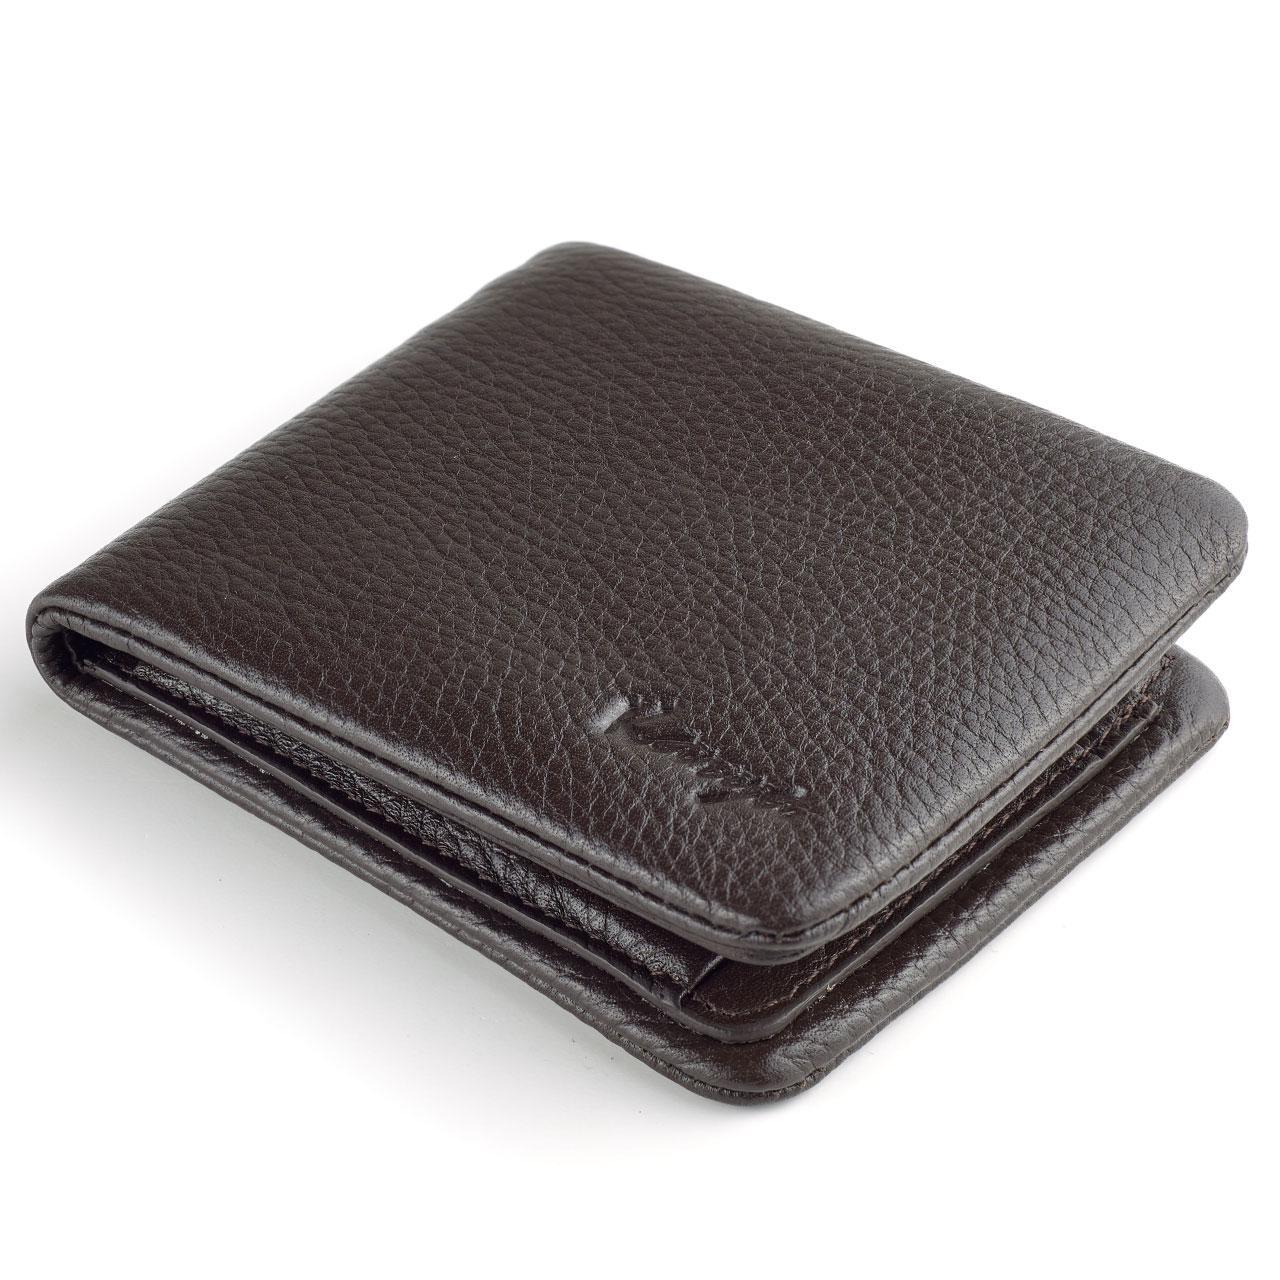 Мужское портмоне Karya 0942-39 кожаное коричневое